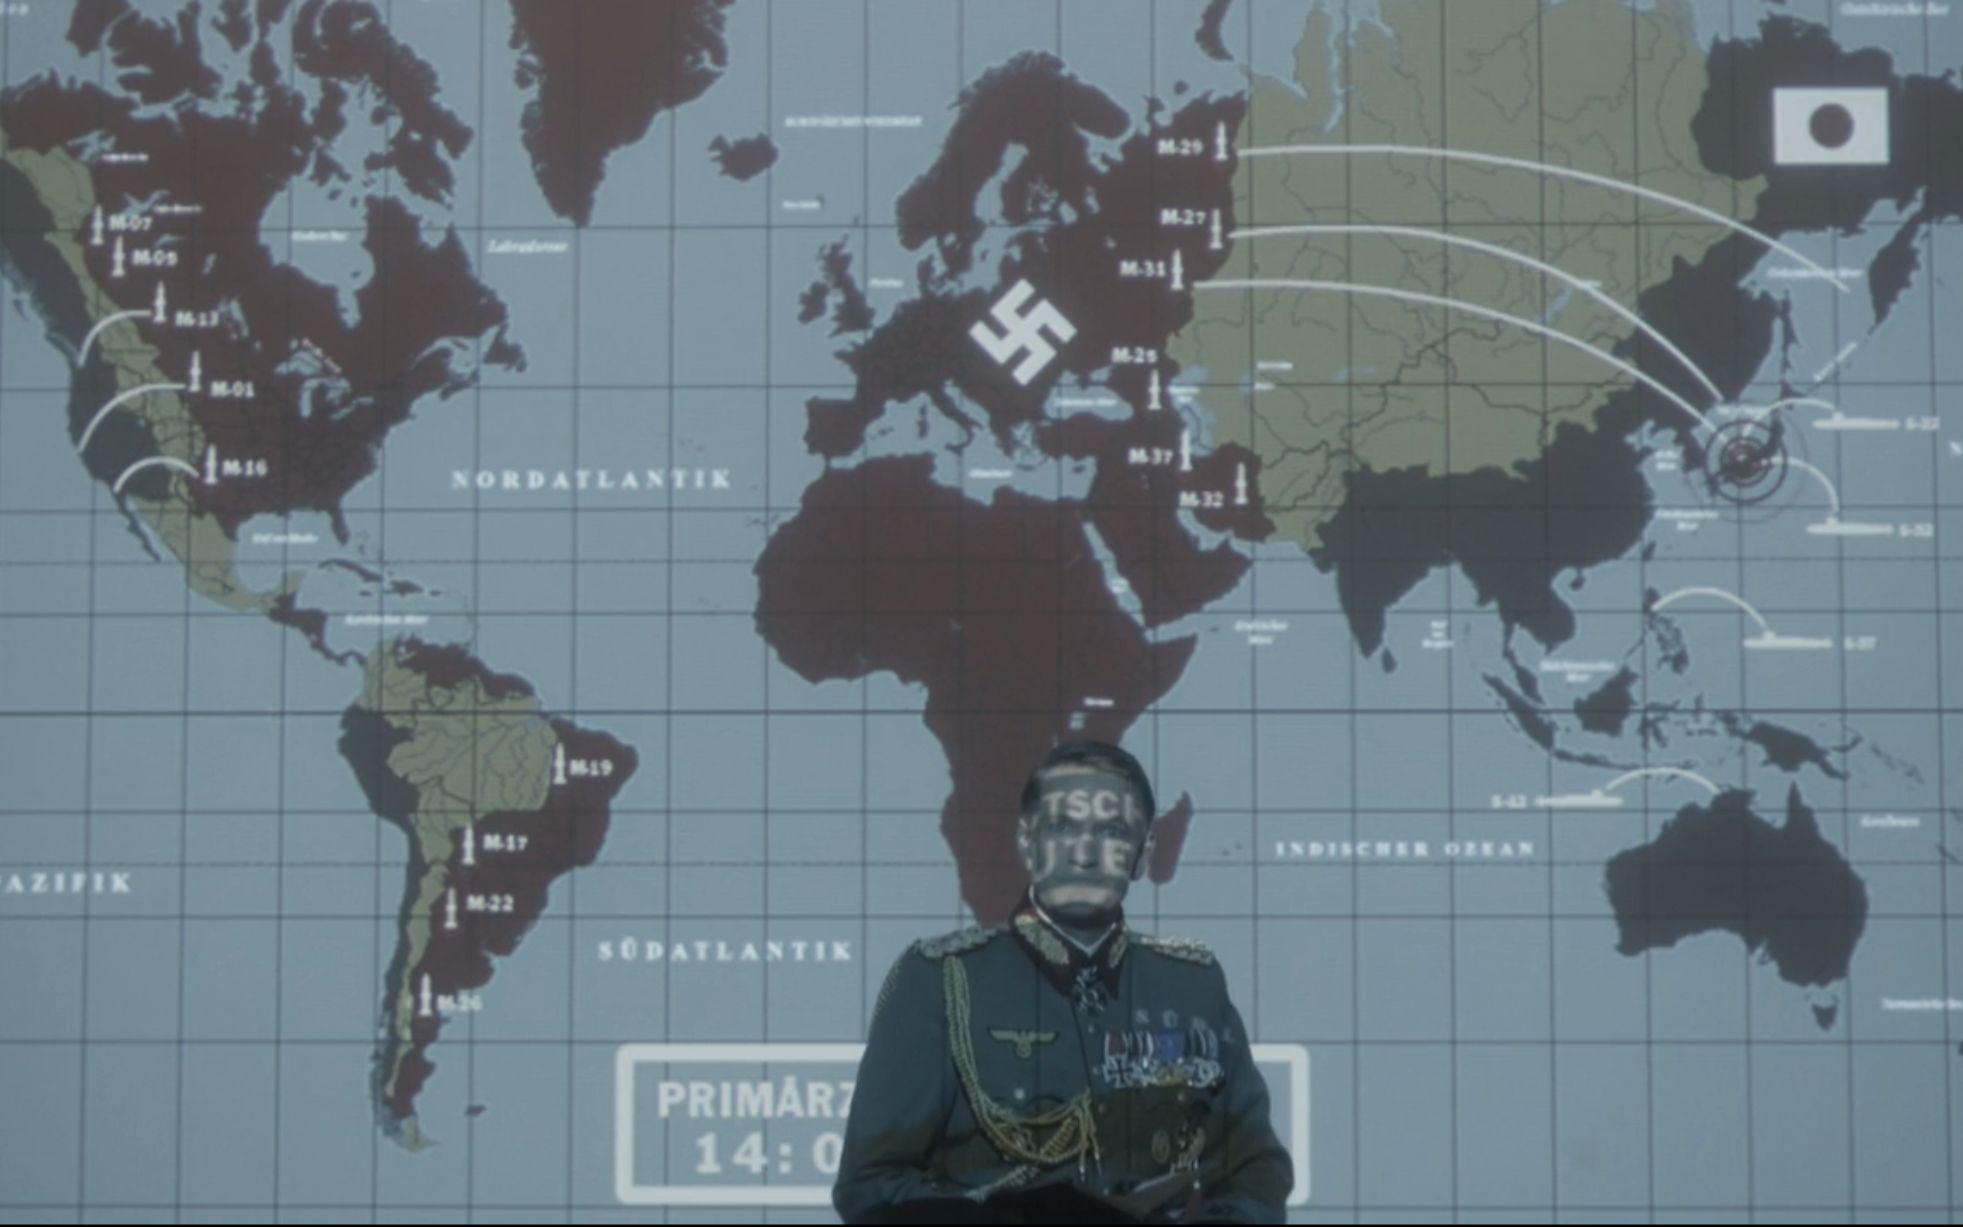 【高堡奇人】德國進攻日本的計劃及其取消 豪斯曼陰謀的敗露_嗶哩嗶哩 (゜-゜)つロ 干杯~-bilibili